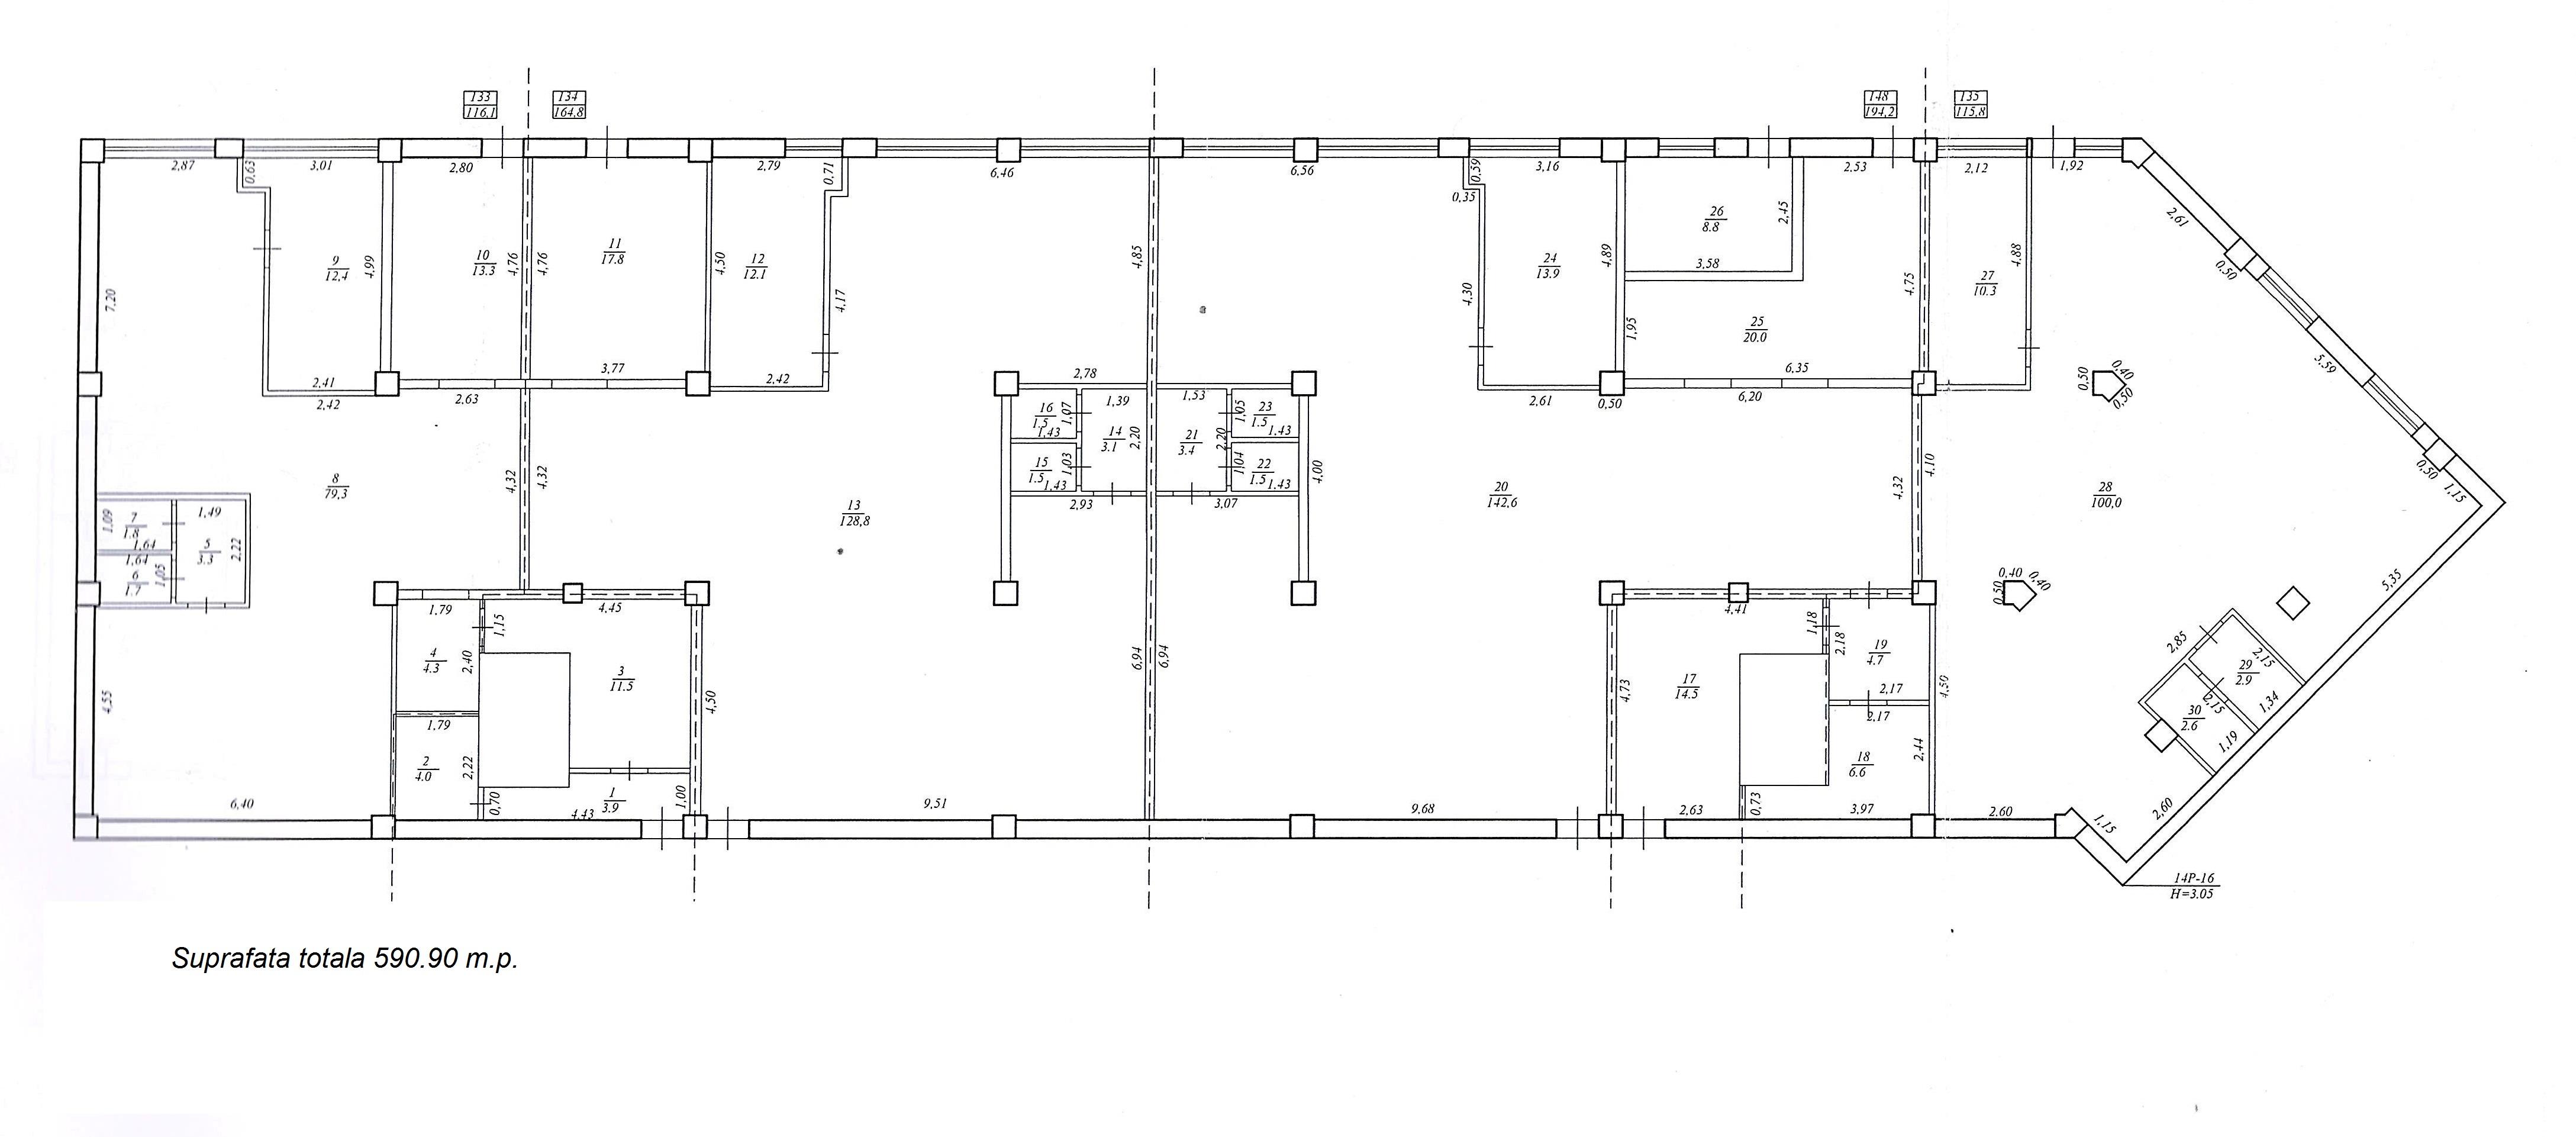 Prima linie str. Ginta Latină suprafață generoasă 8857,3 m2